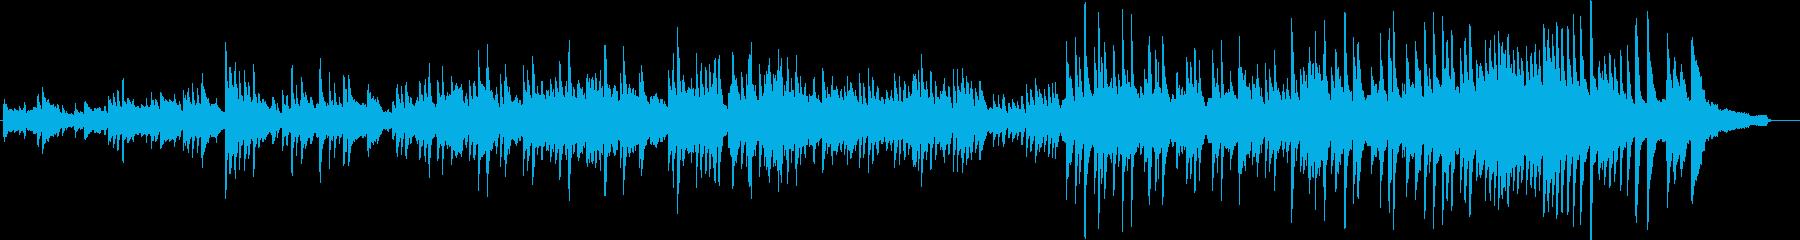 生演奏!エンディング感のあるピアノの再生済みの波形